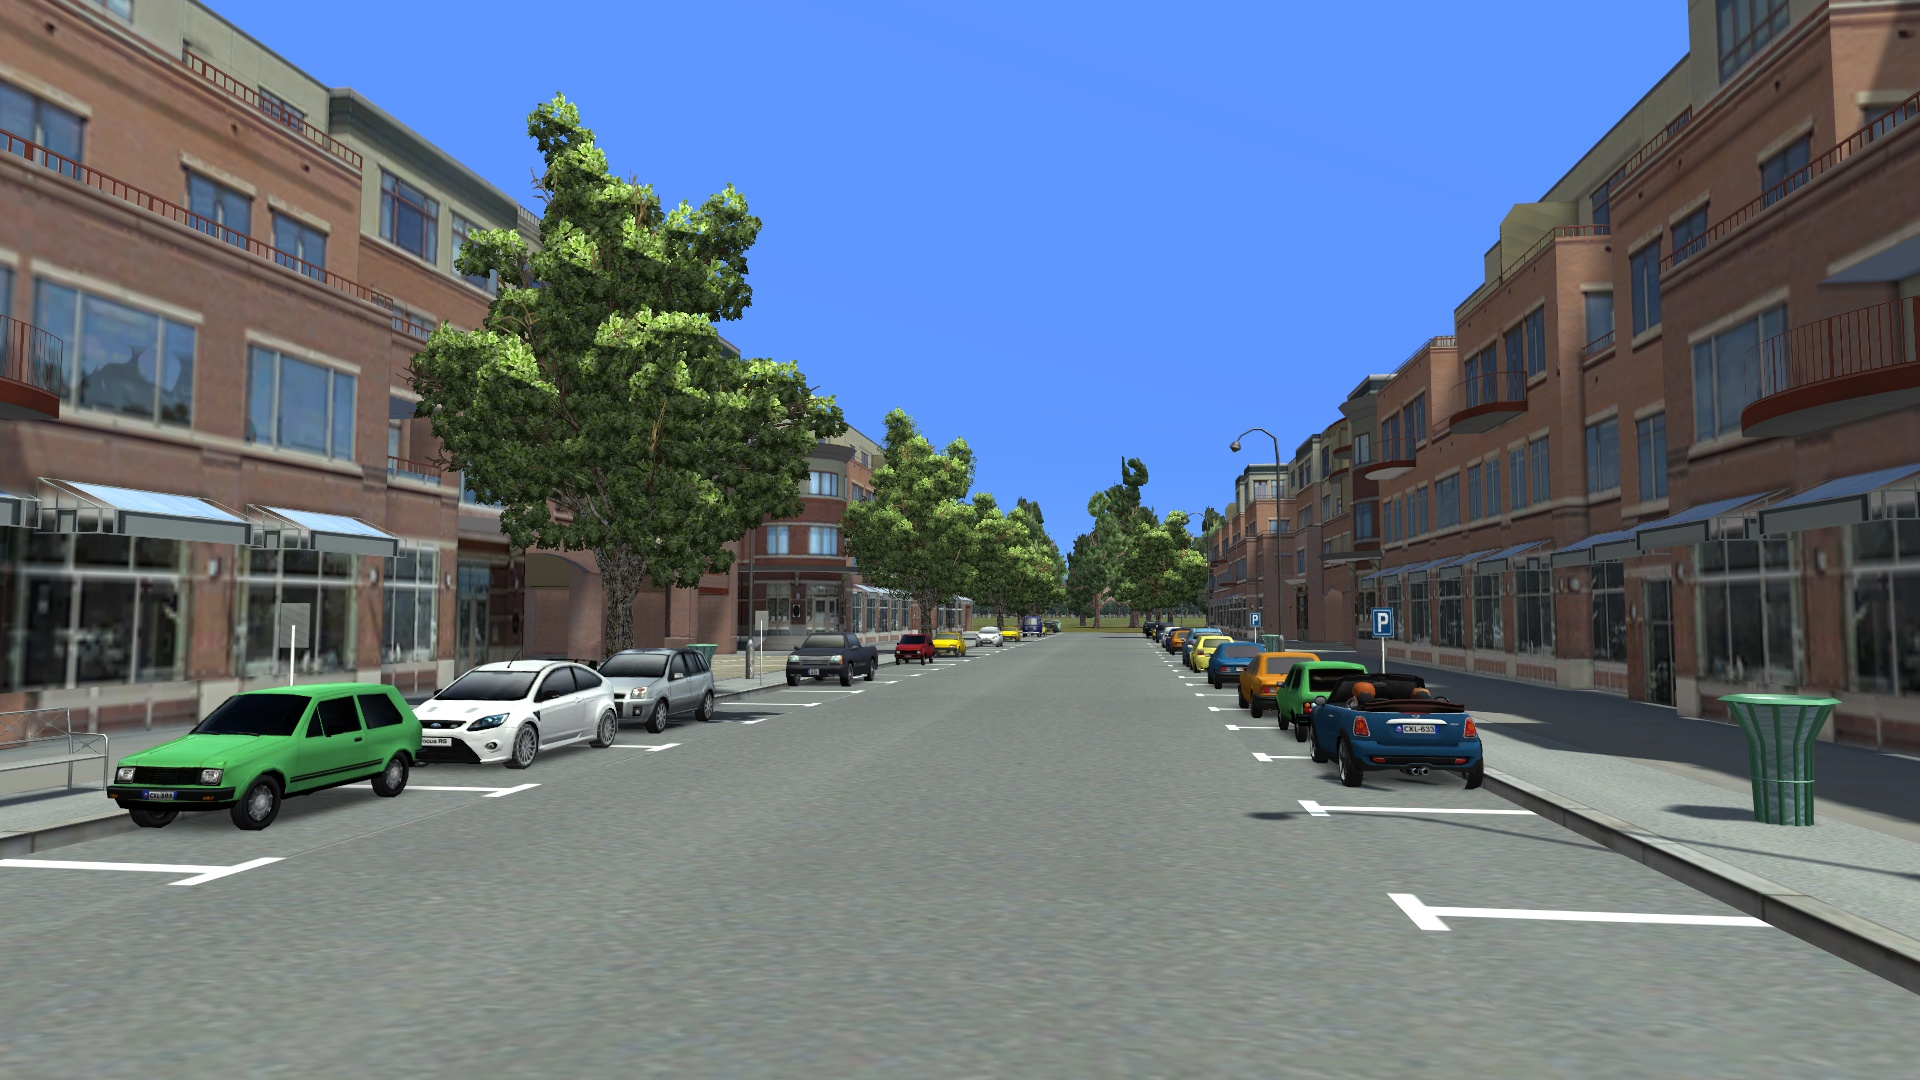 cxl_screenshot_test city_5.jpg